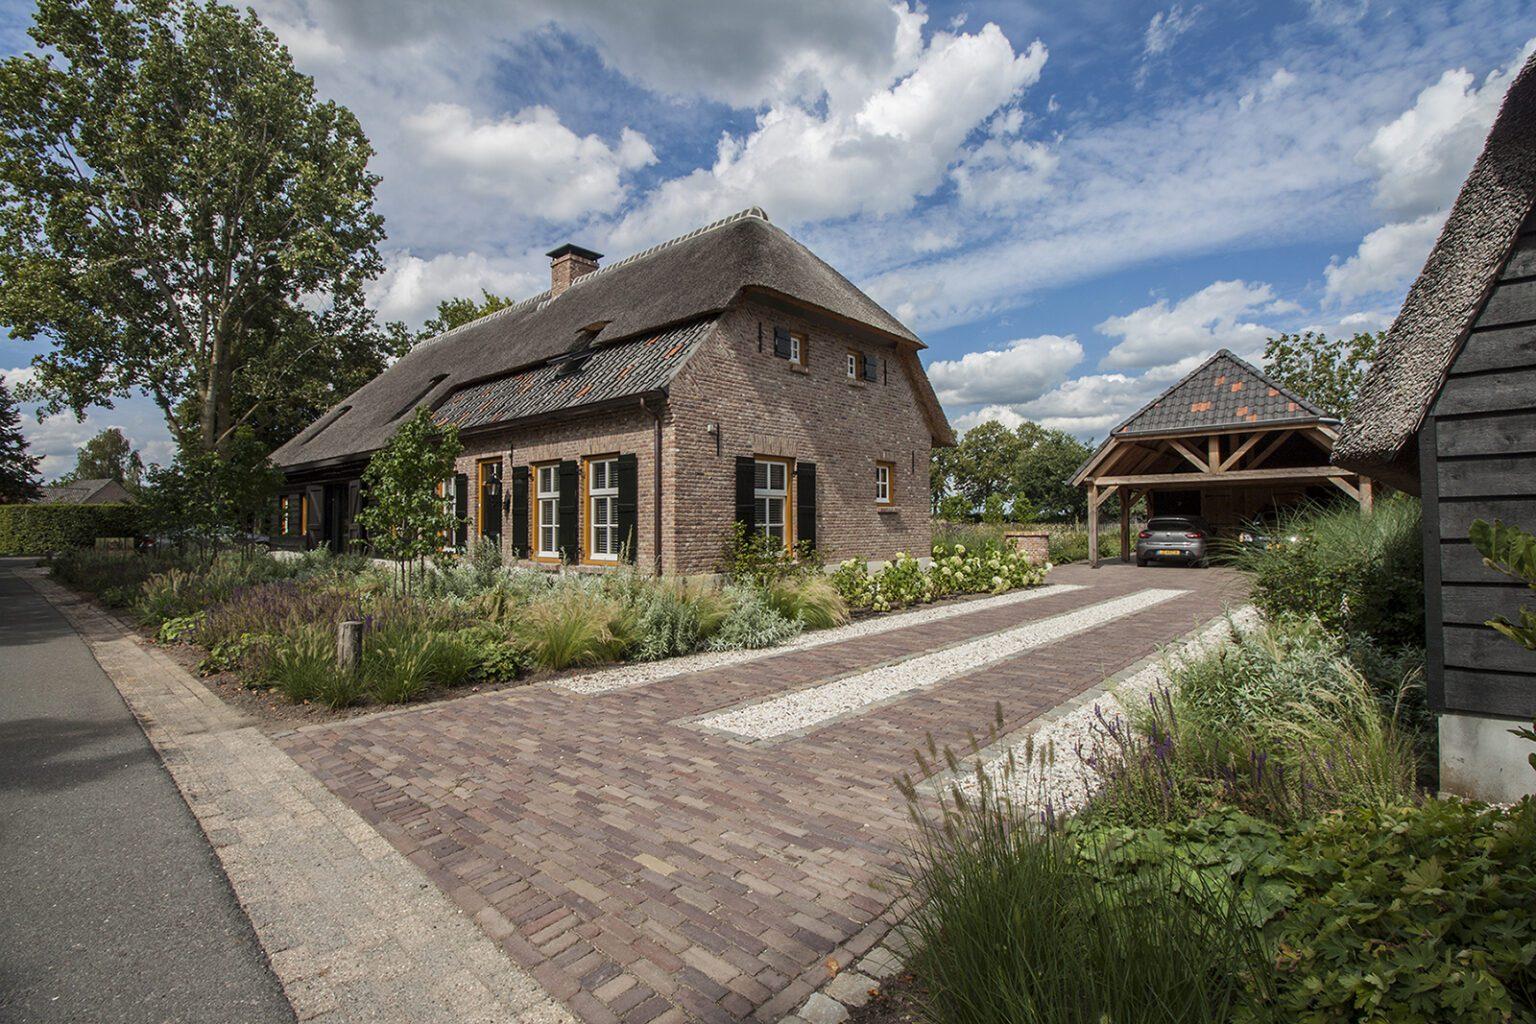 Modern wonen in authentieke boerderijsferen